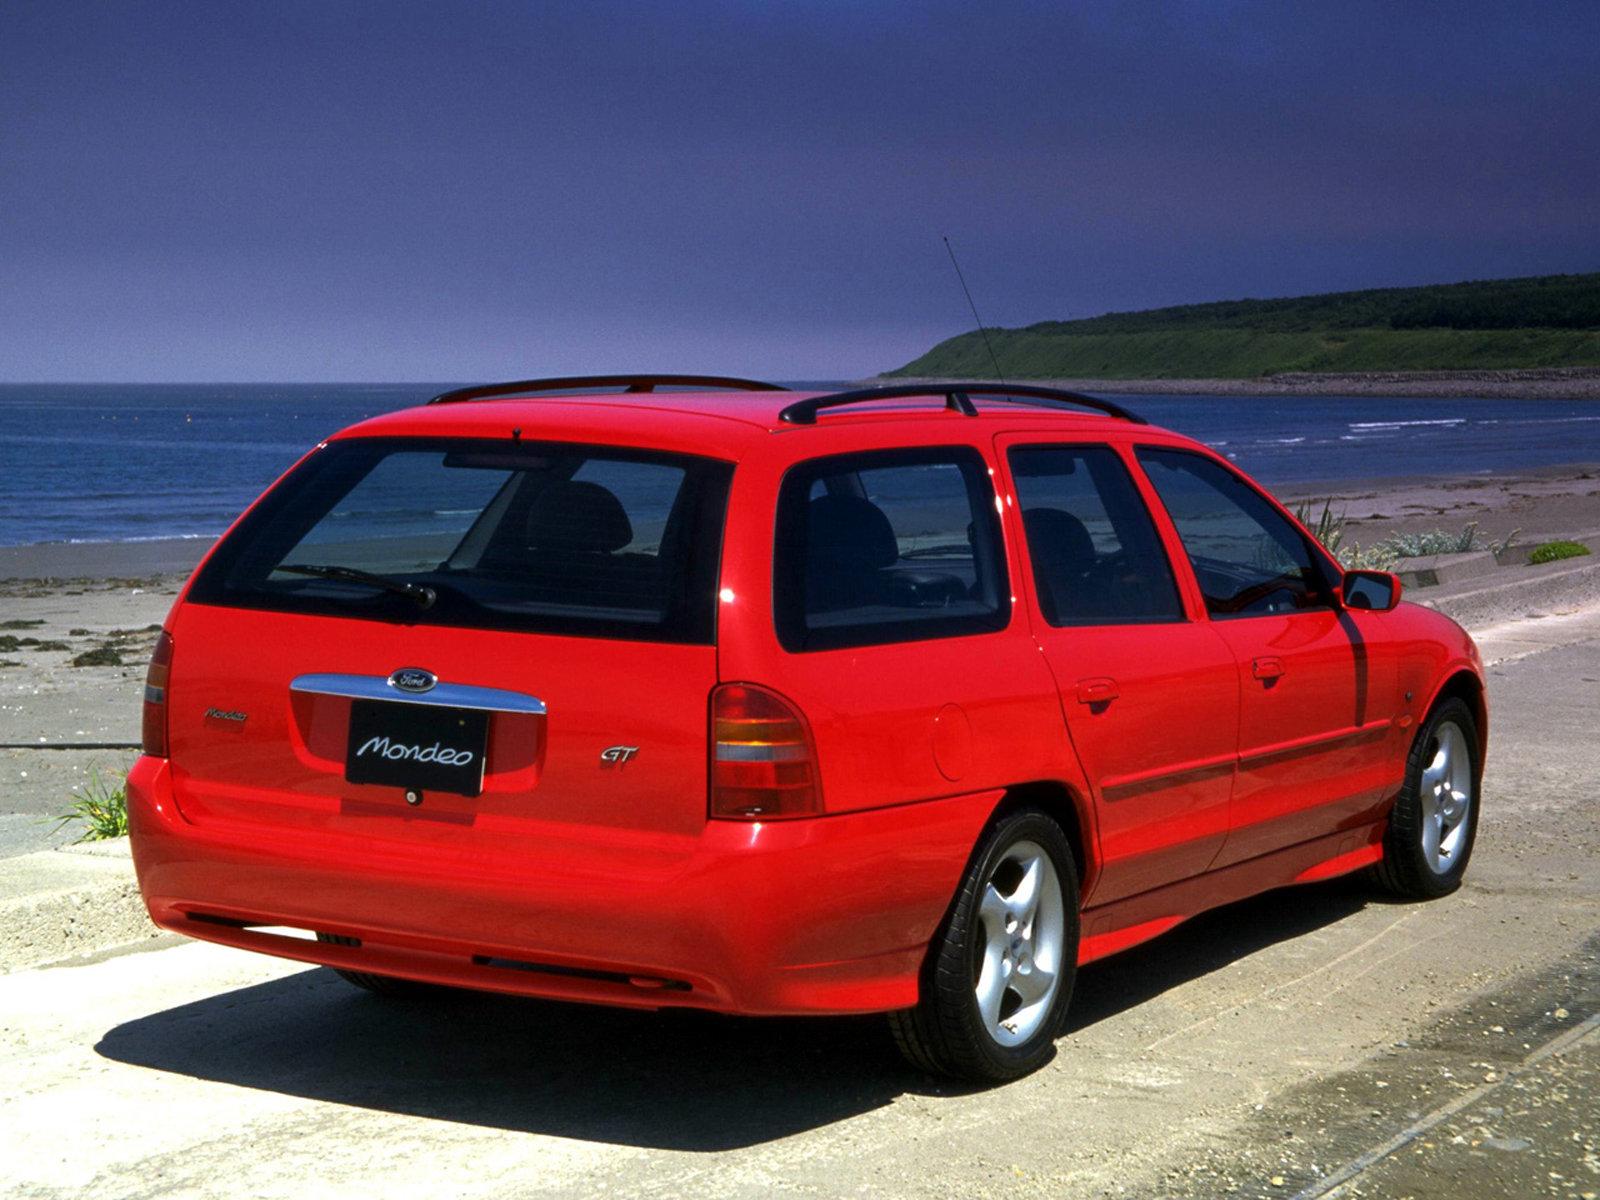 форд мондео универсал 1999 года фото